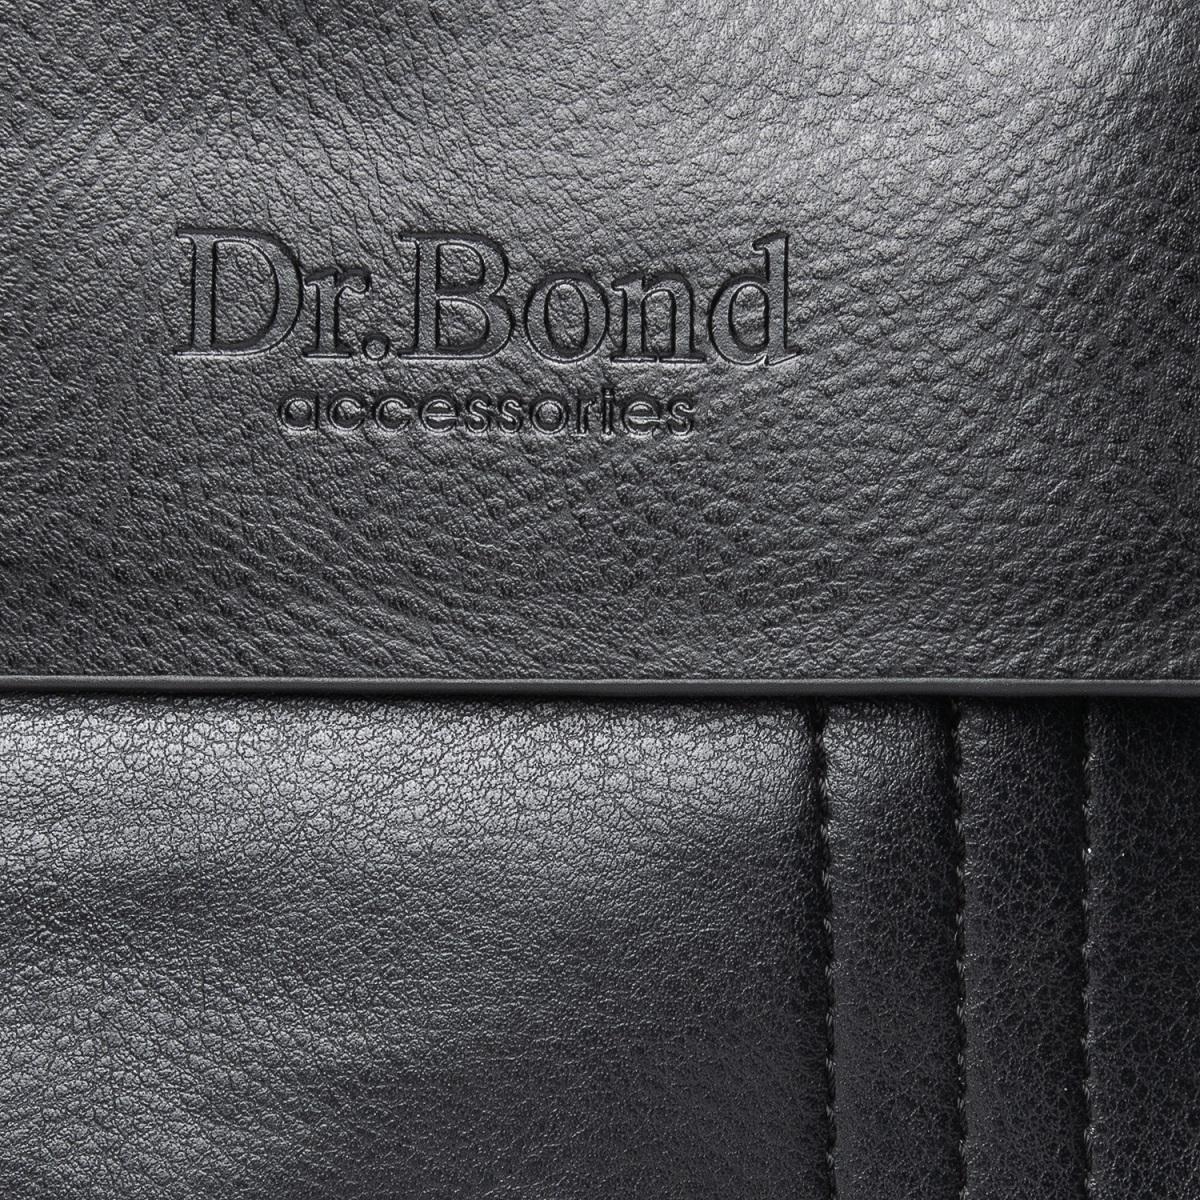 Сумка Мужская Планшет иск-кожа DR. BOND GL 305-2 black - фото 3